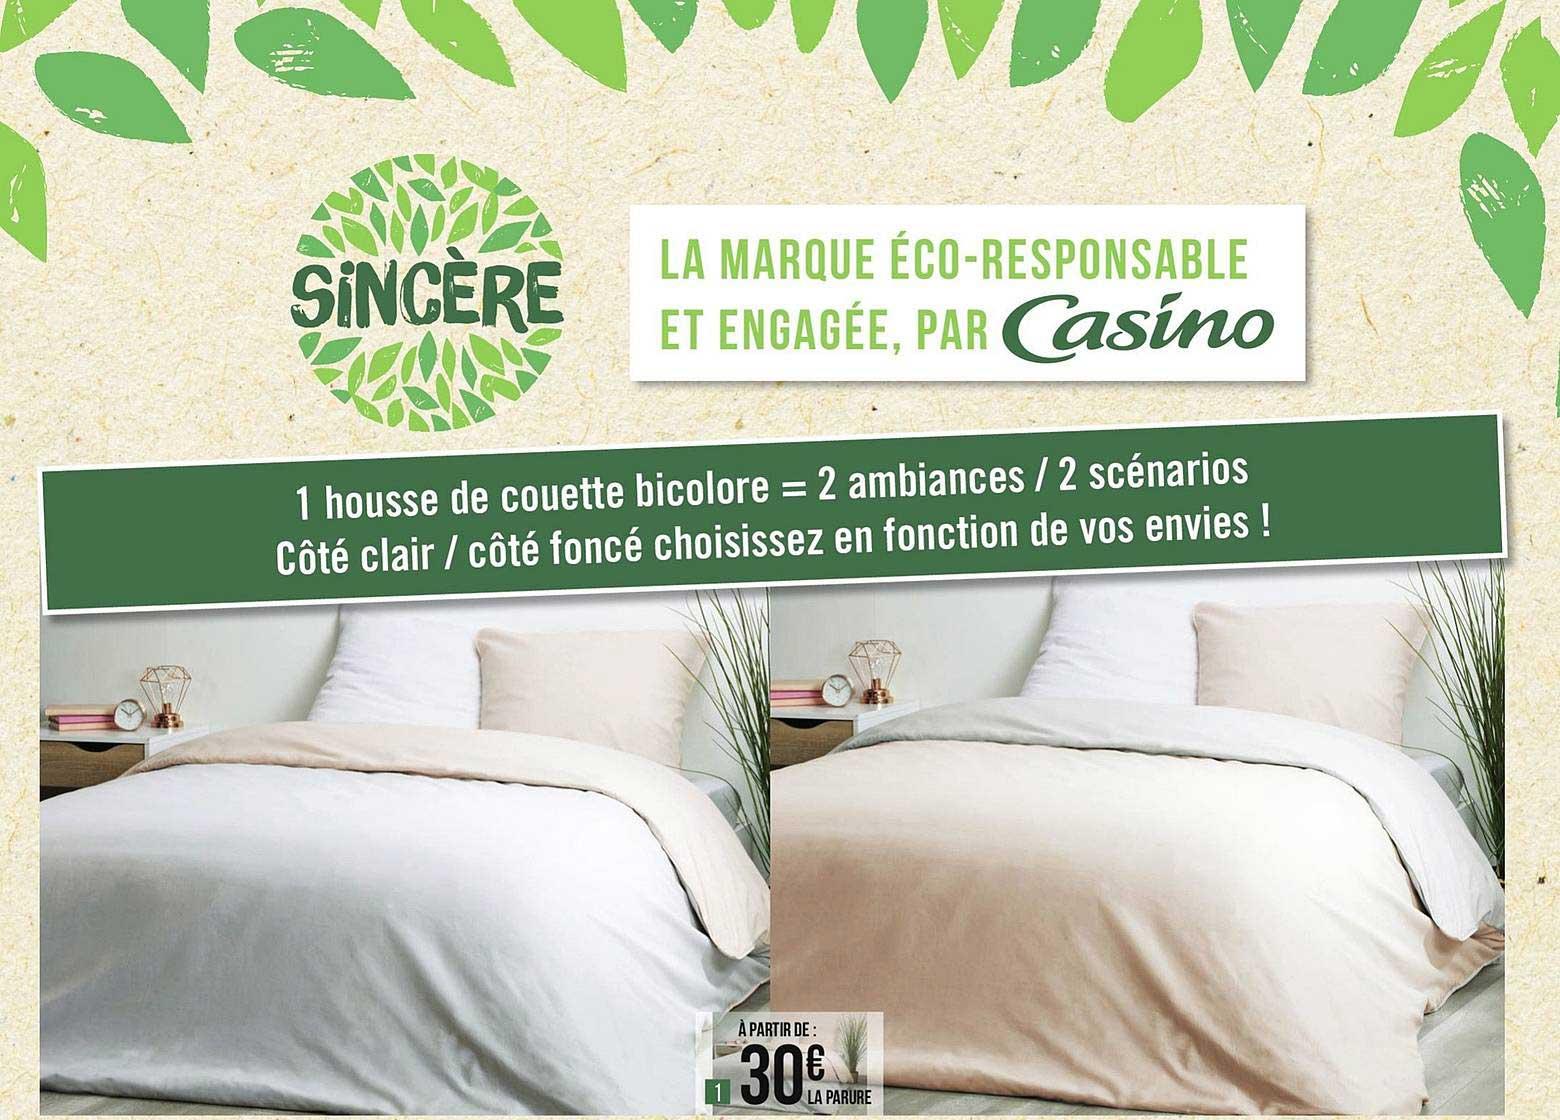 Géant Casino Housse De Couette Bicolore Sincère